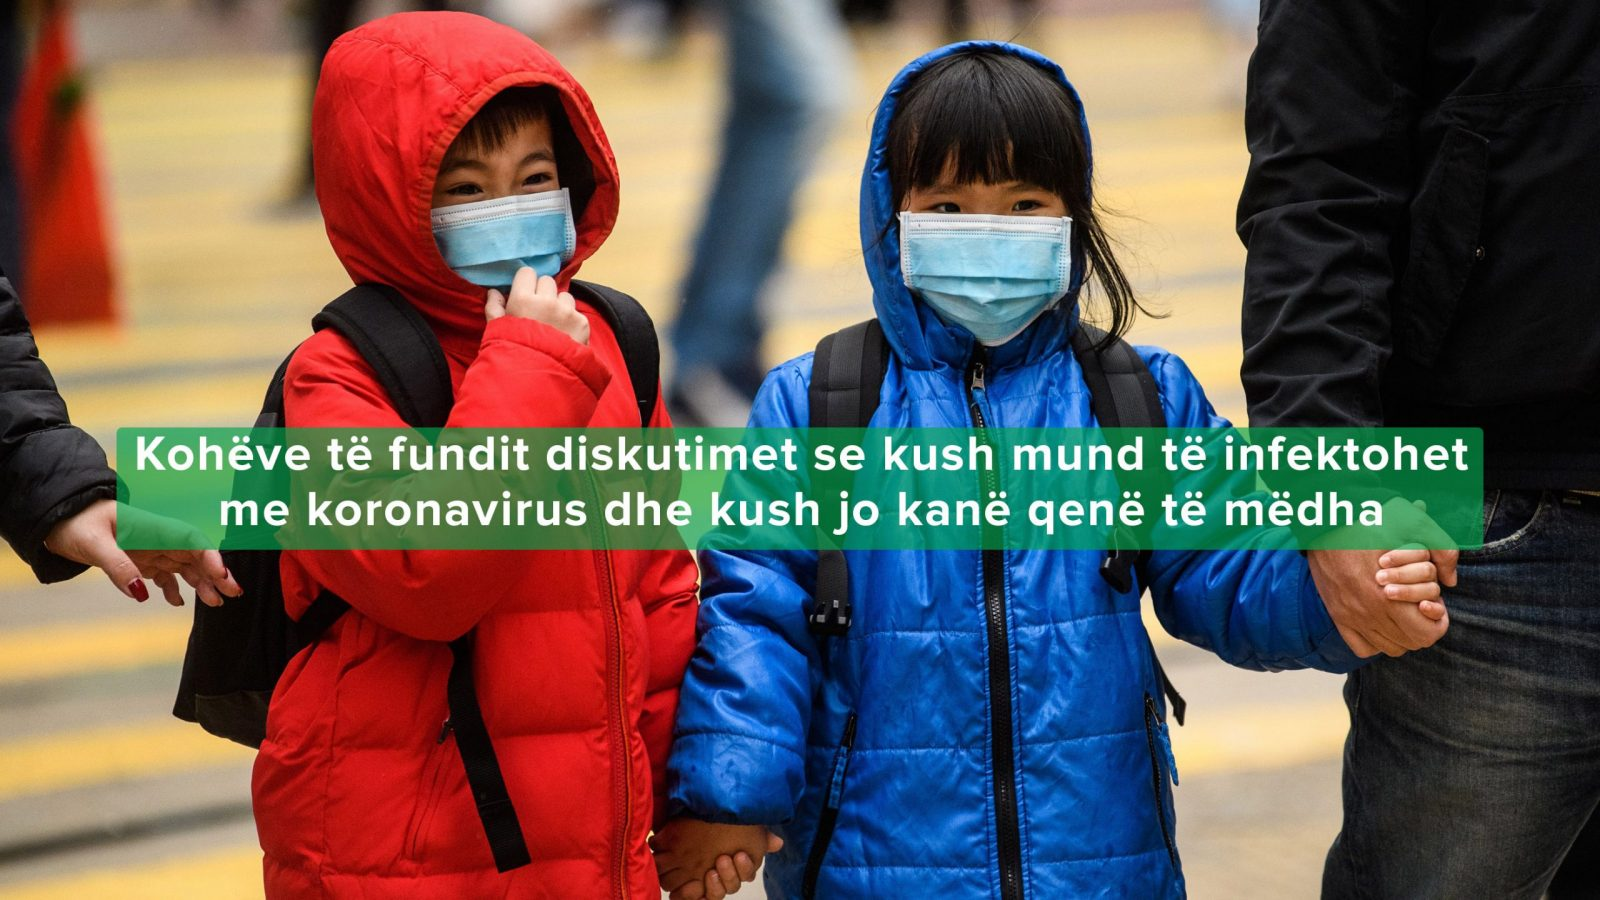 pse femijet nuk jane imun koronavirusit